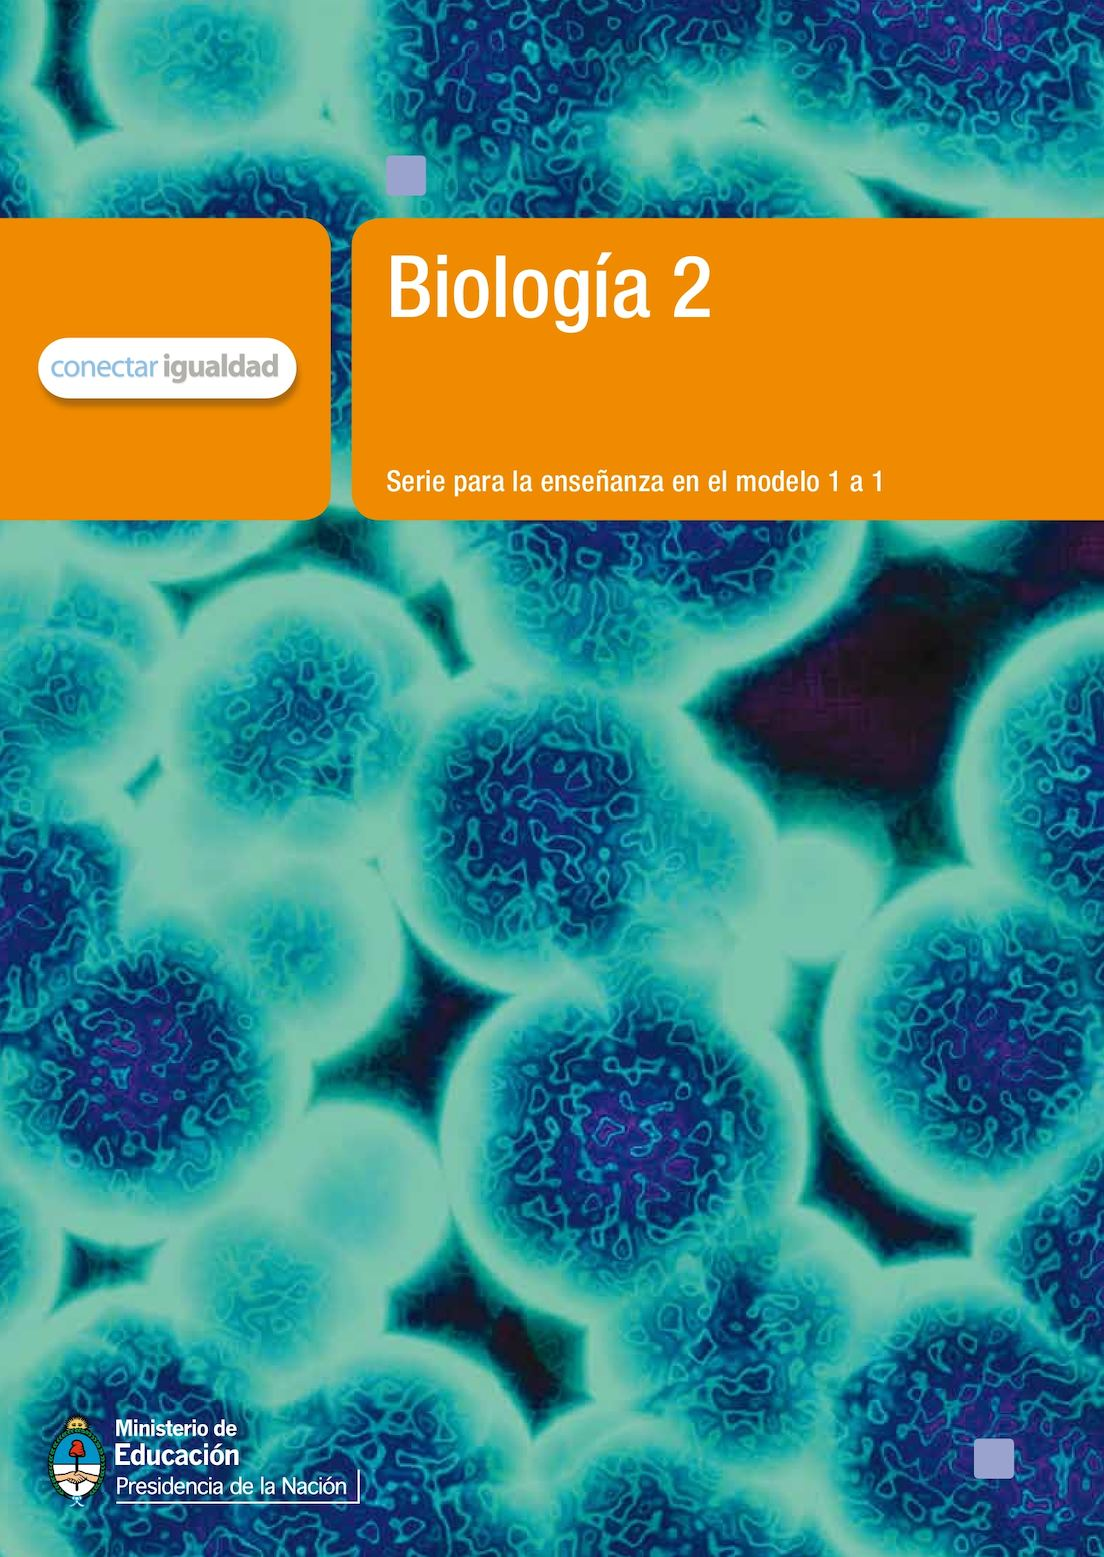 Biologa 2